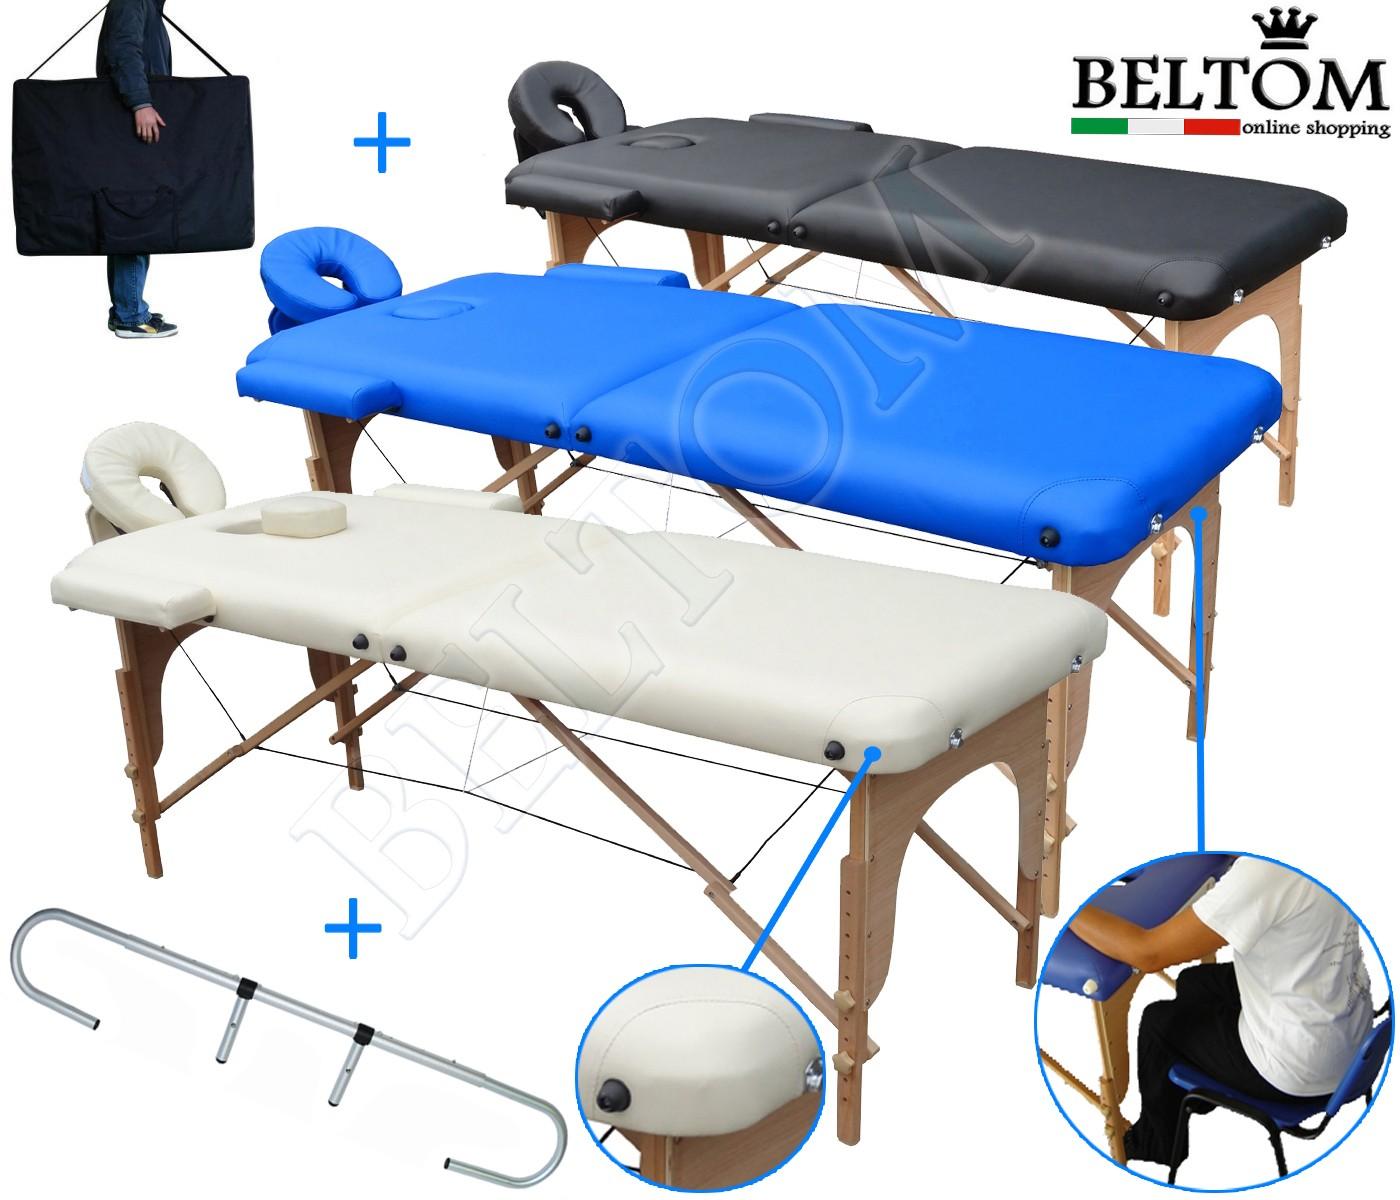 Lettino Massaggio Portatile San Marco.Negozio Di Sconti Online Lettino Massaggio Pieghevole 2 Zone